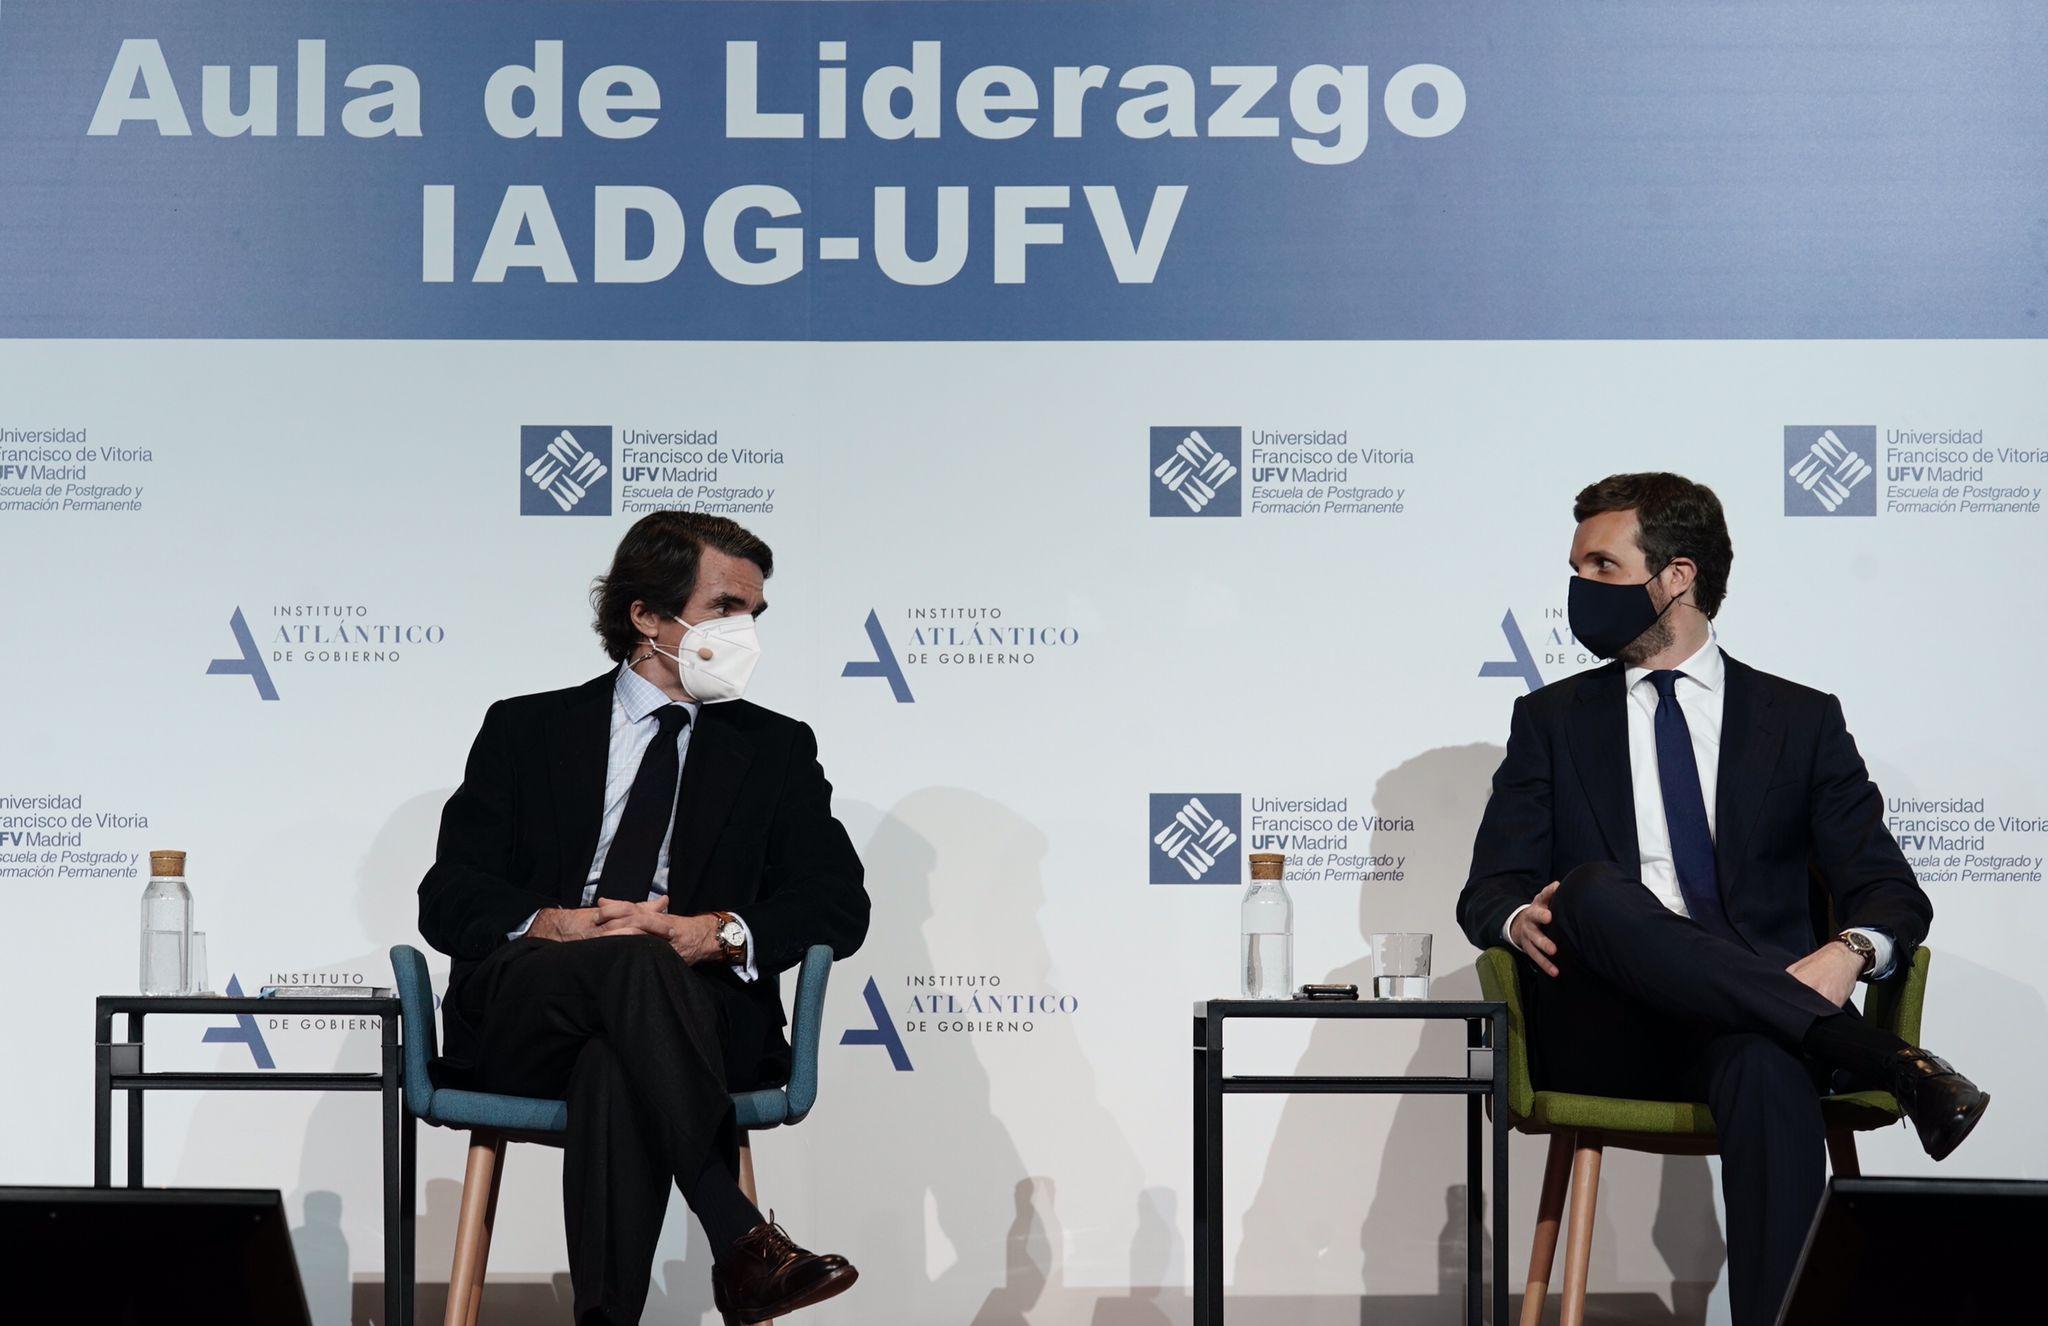 El ex presidente José María Aznar y el líder del Partido Popular, Pablo Casado. Foto: David Mudarra/PP